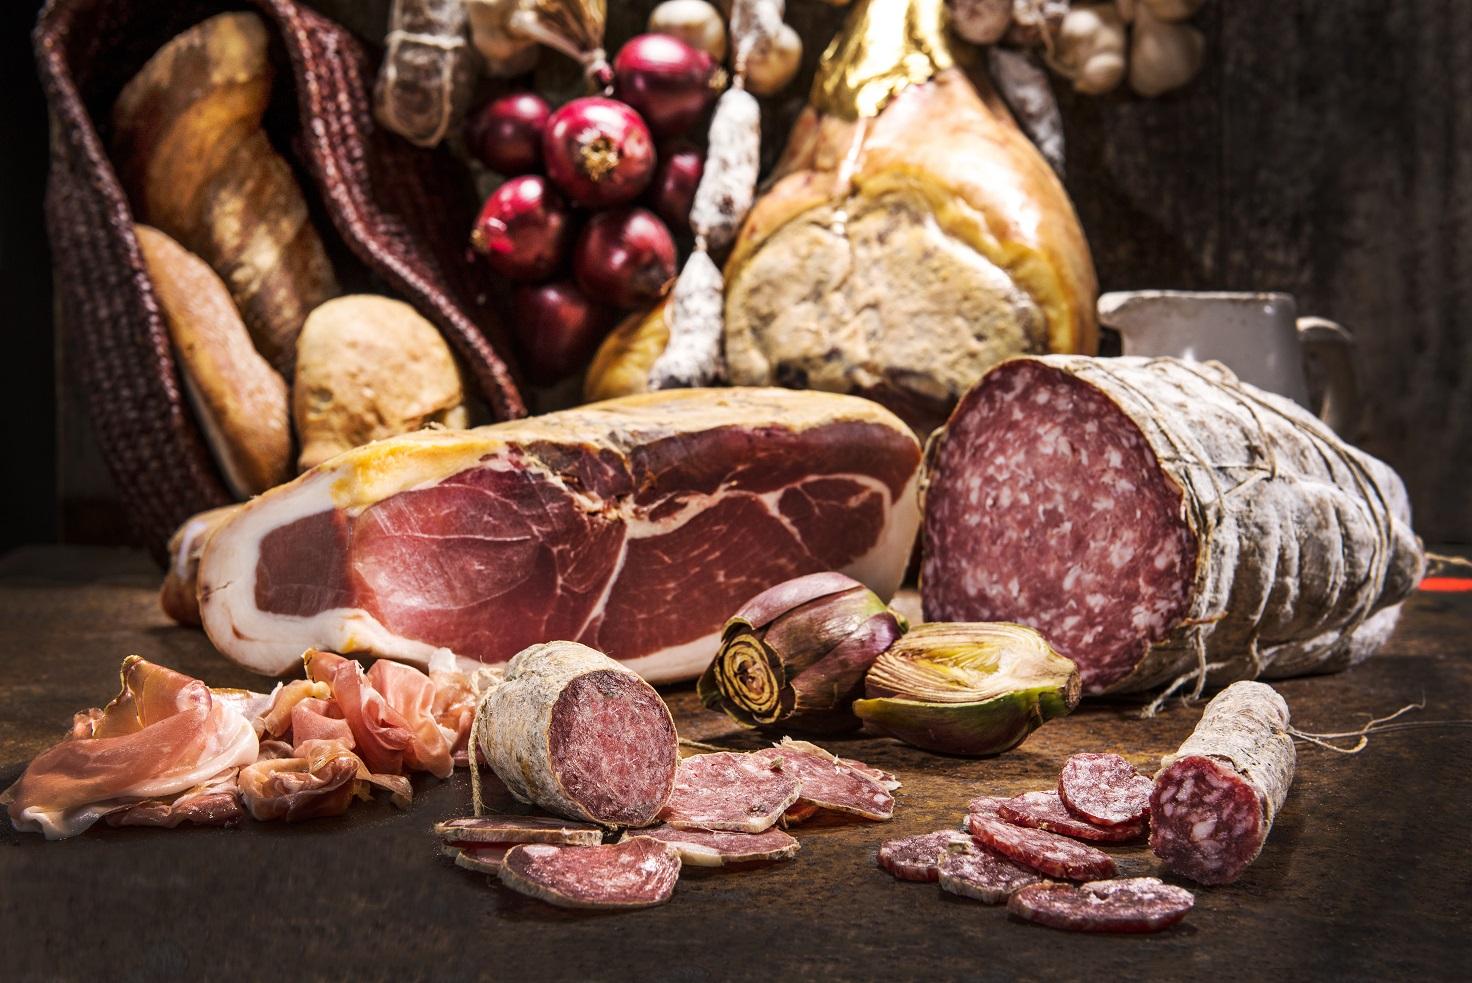 Salumi Italienische Fleischspezialitäten